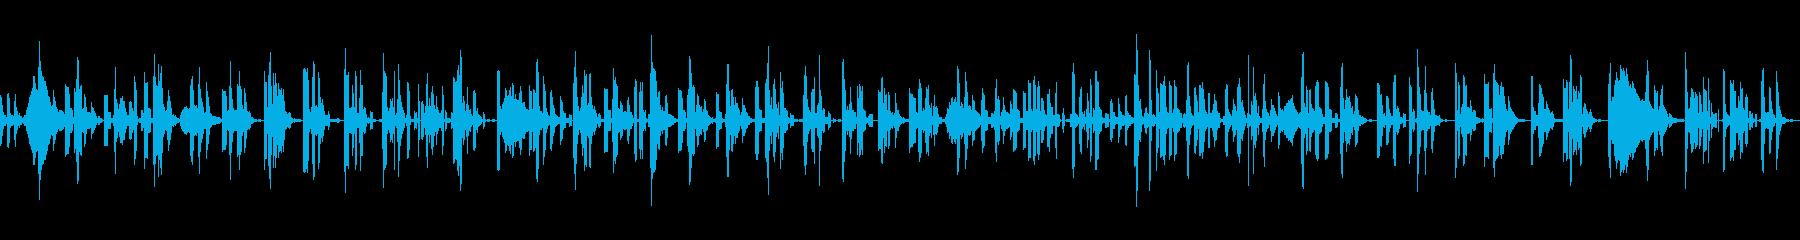 ノイズが印象的な静かで暗いゲーム用BGMの再生済みの波形